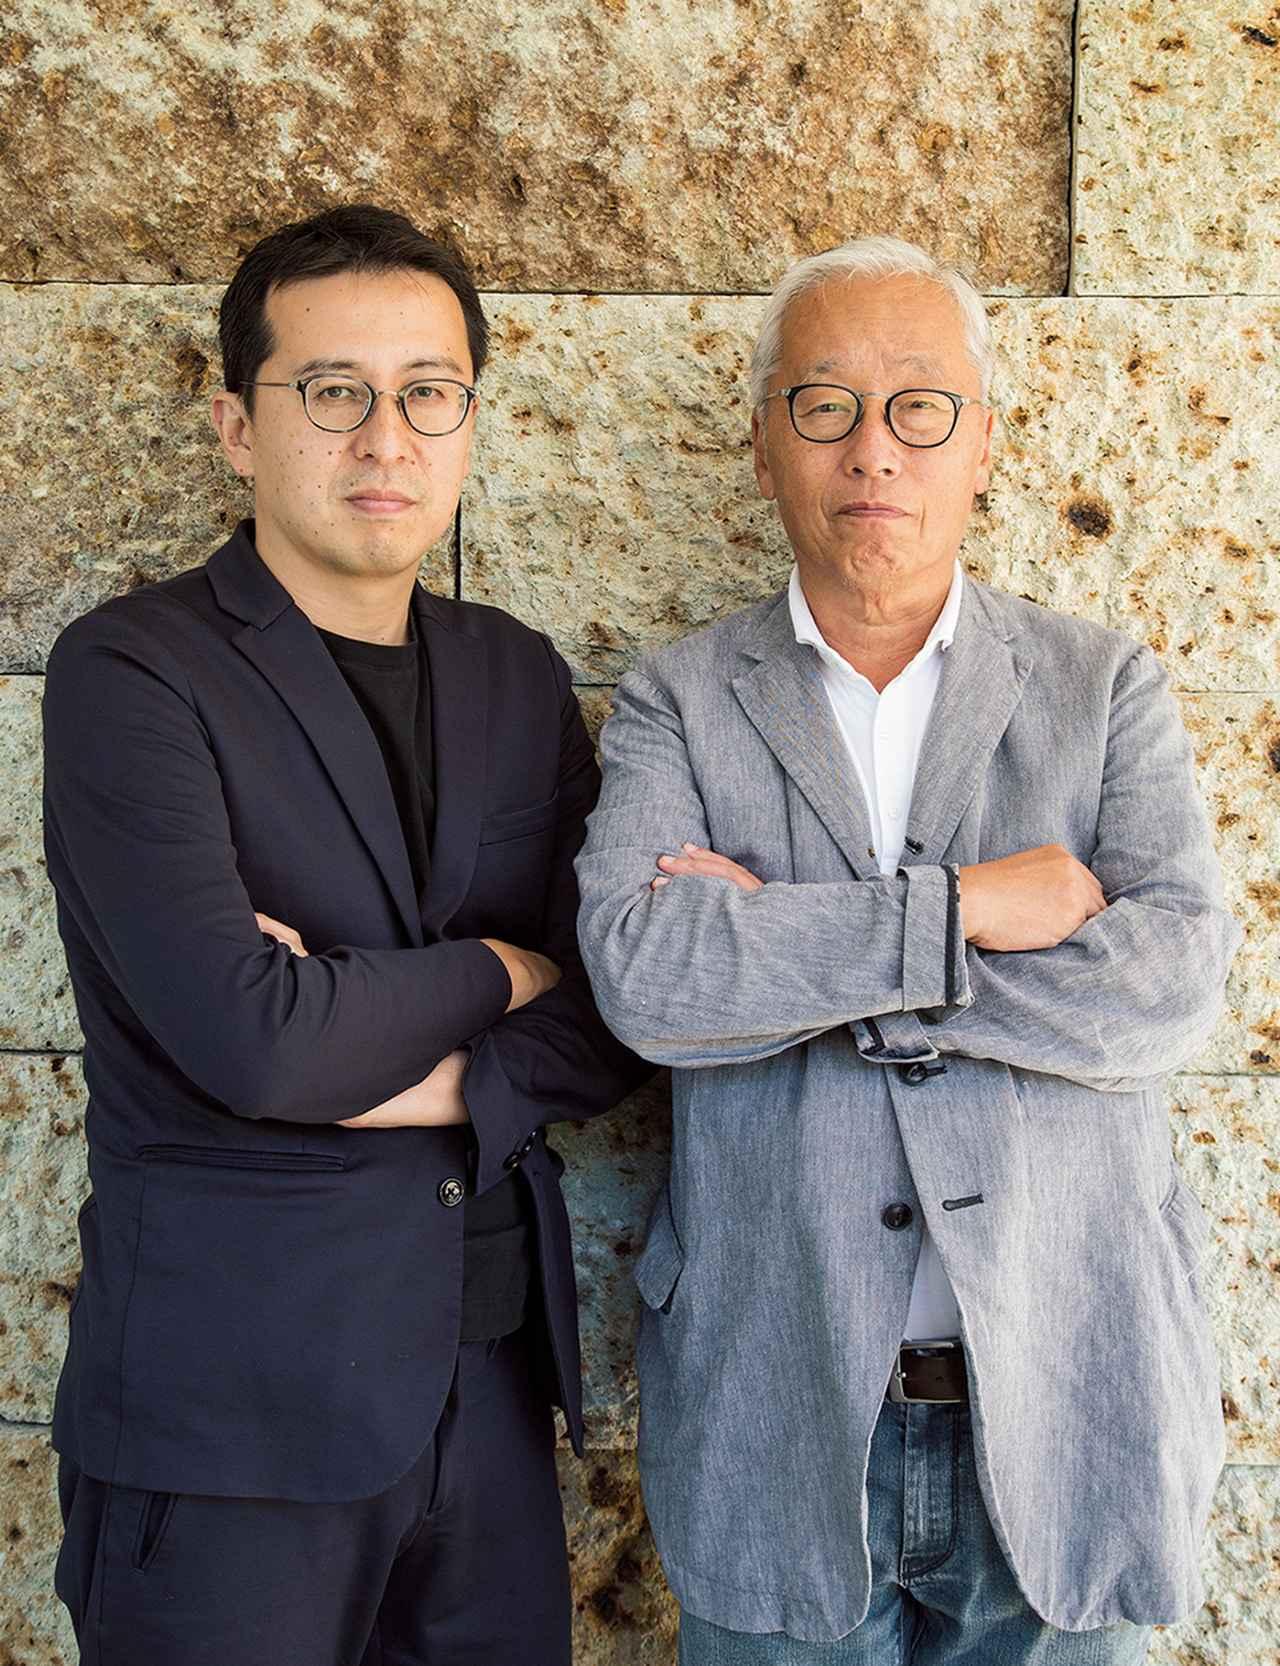 Images : 10番目の画像 - 「新素材研究所による会場構成も話題。 メゾンが秘めたデザイン性に迫る 『カルティエ、時の結晶』展」のアルバム - T JAPAN:The New York Times Style Magazine 公式サイト